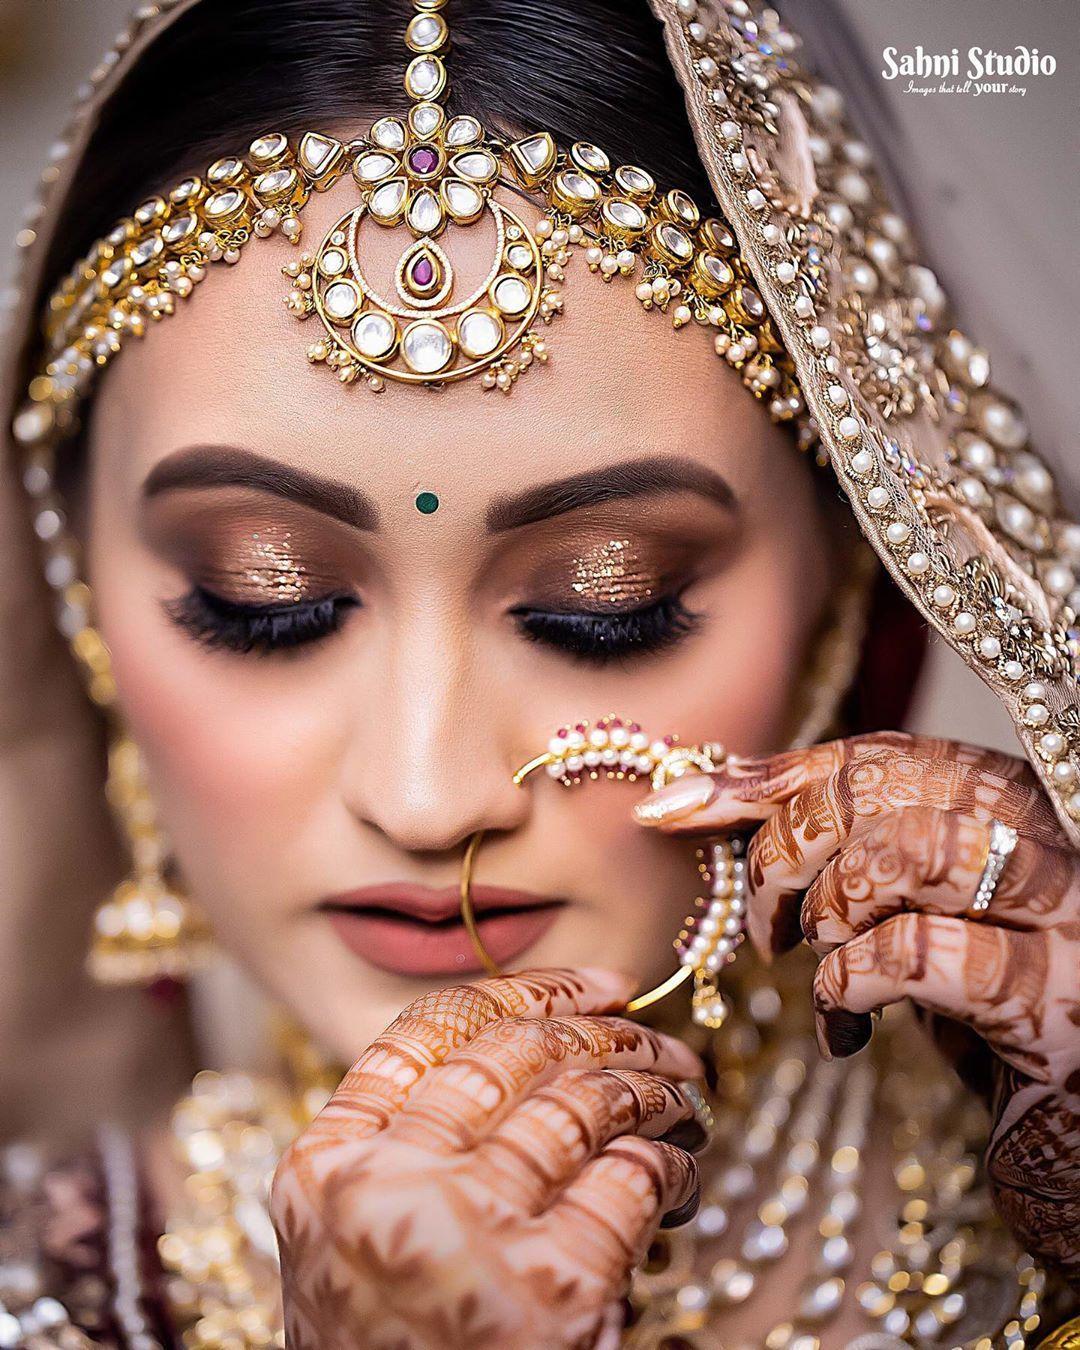 Bridal Makeup Look Makeup Look For Indian Brides Bridal Inspiration In 2020 Bridal Makeup Looks Bridal Makeup Best Bridal Makeup